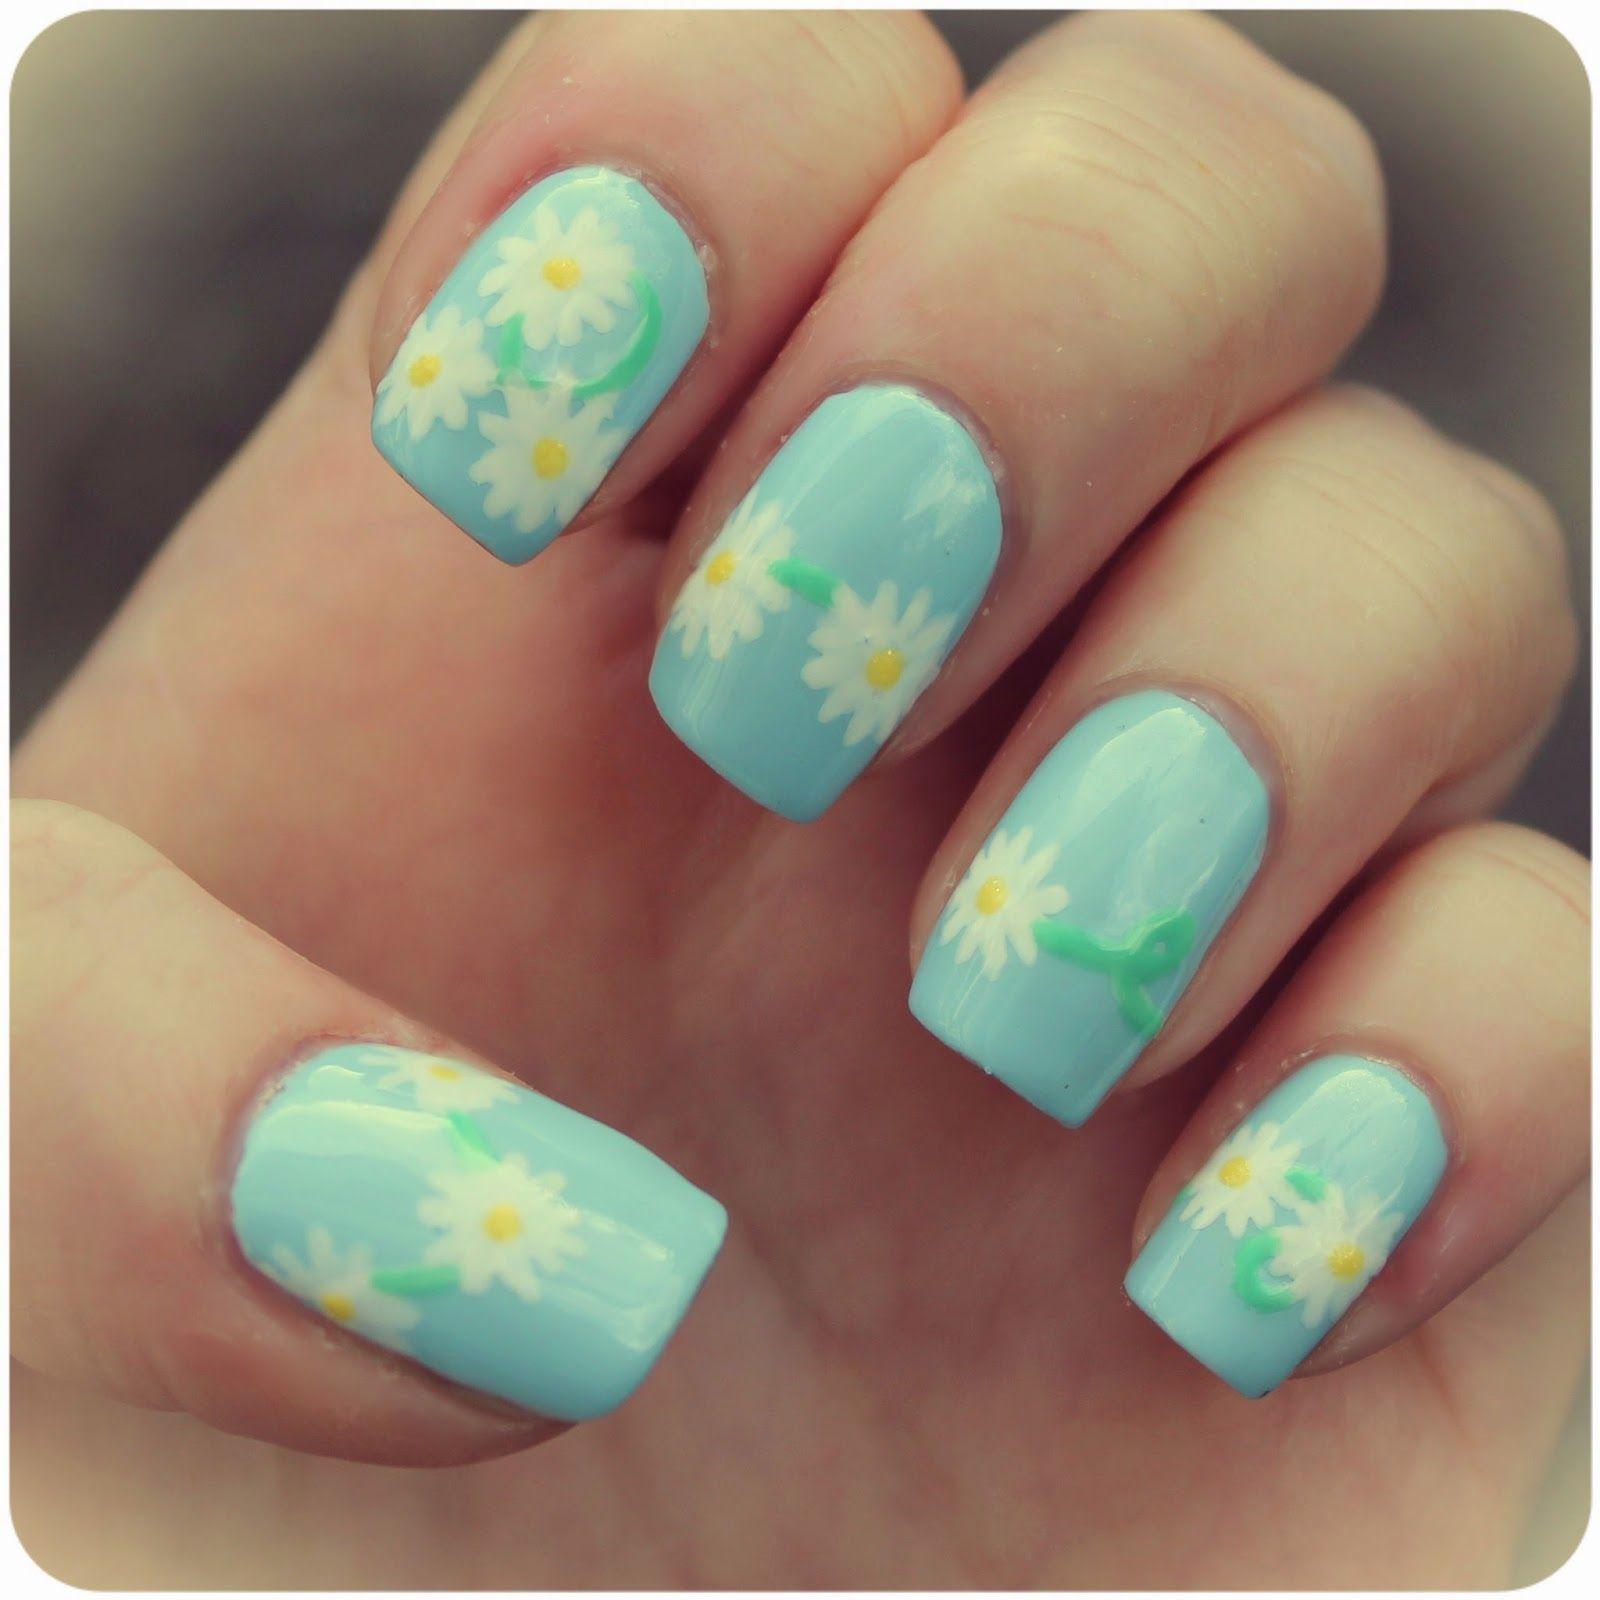 Daisy chain daisy nails nail art summer nails